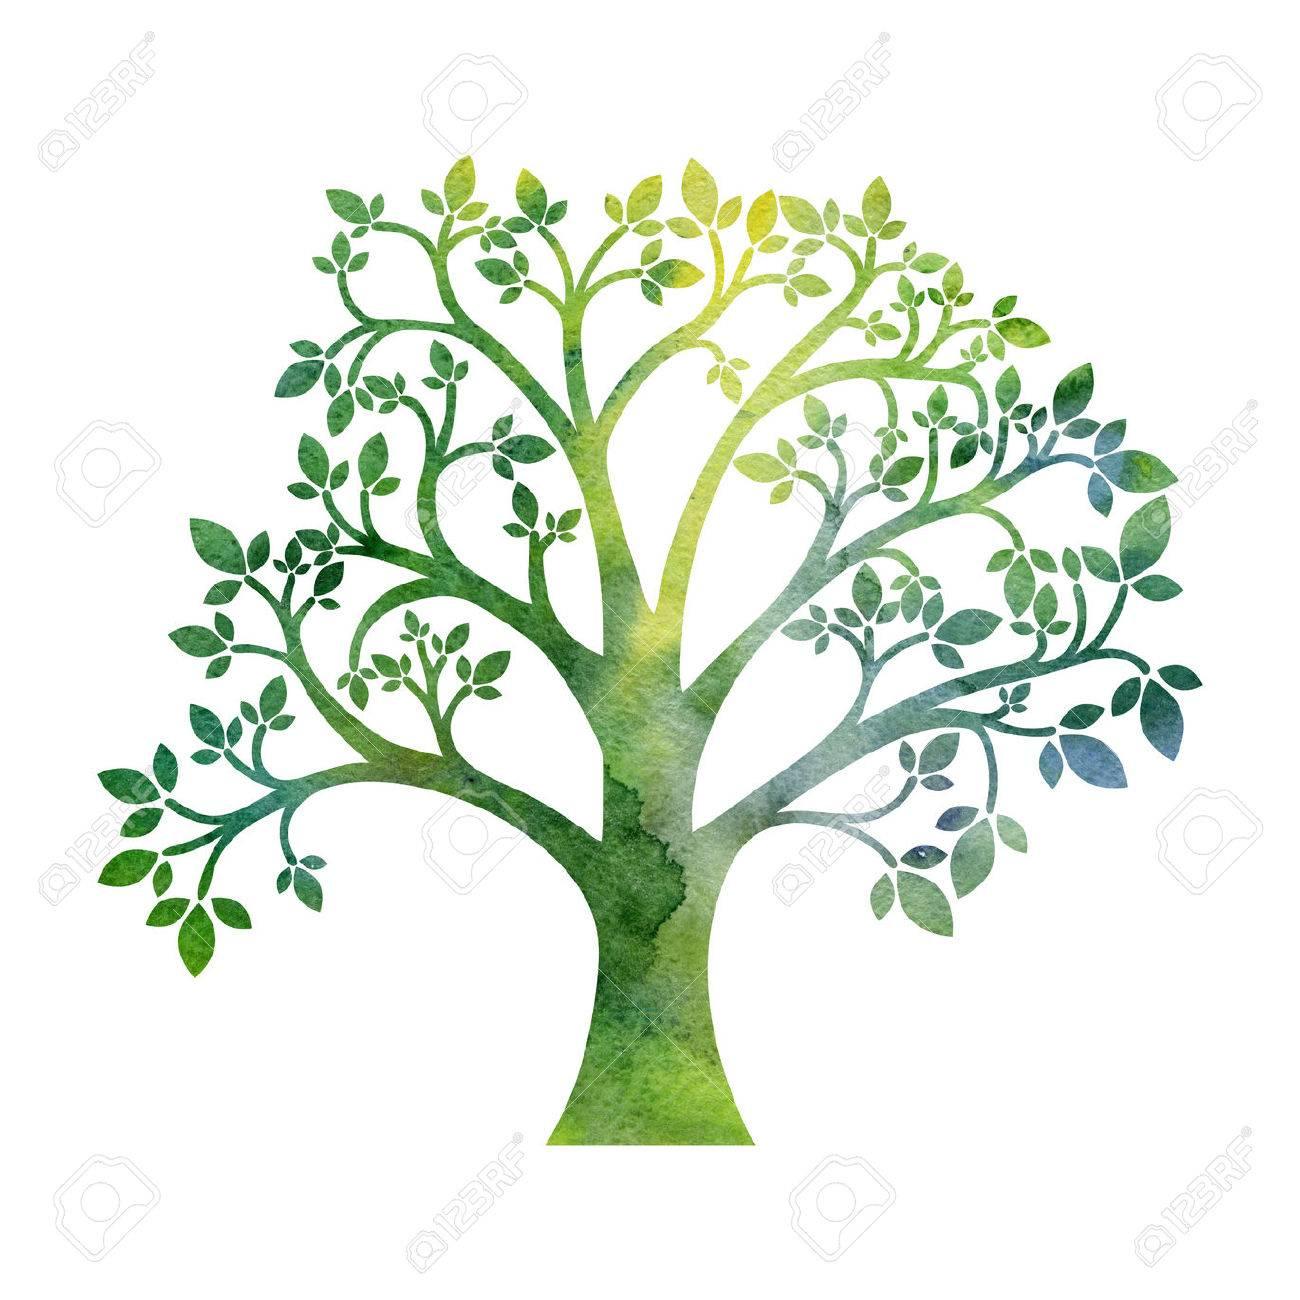 水彩画芸術的なイラストを手描きで描く葉の付いた緑のシルエット の